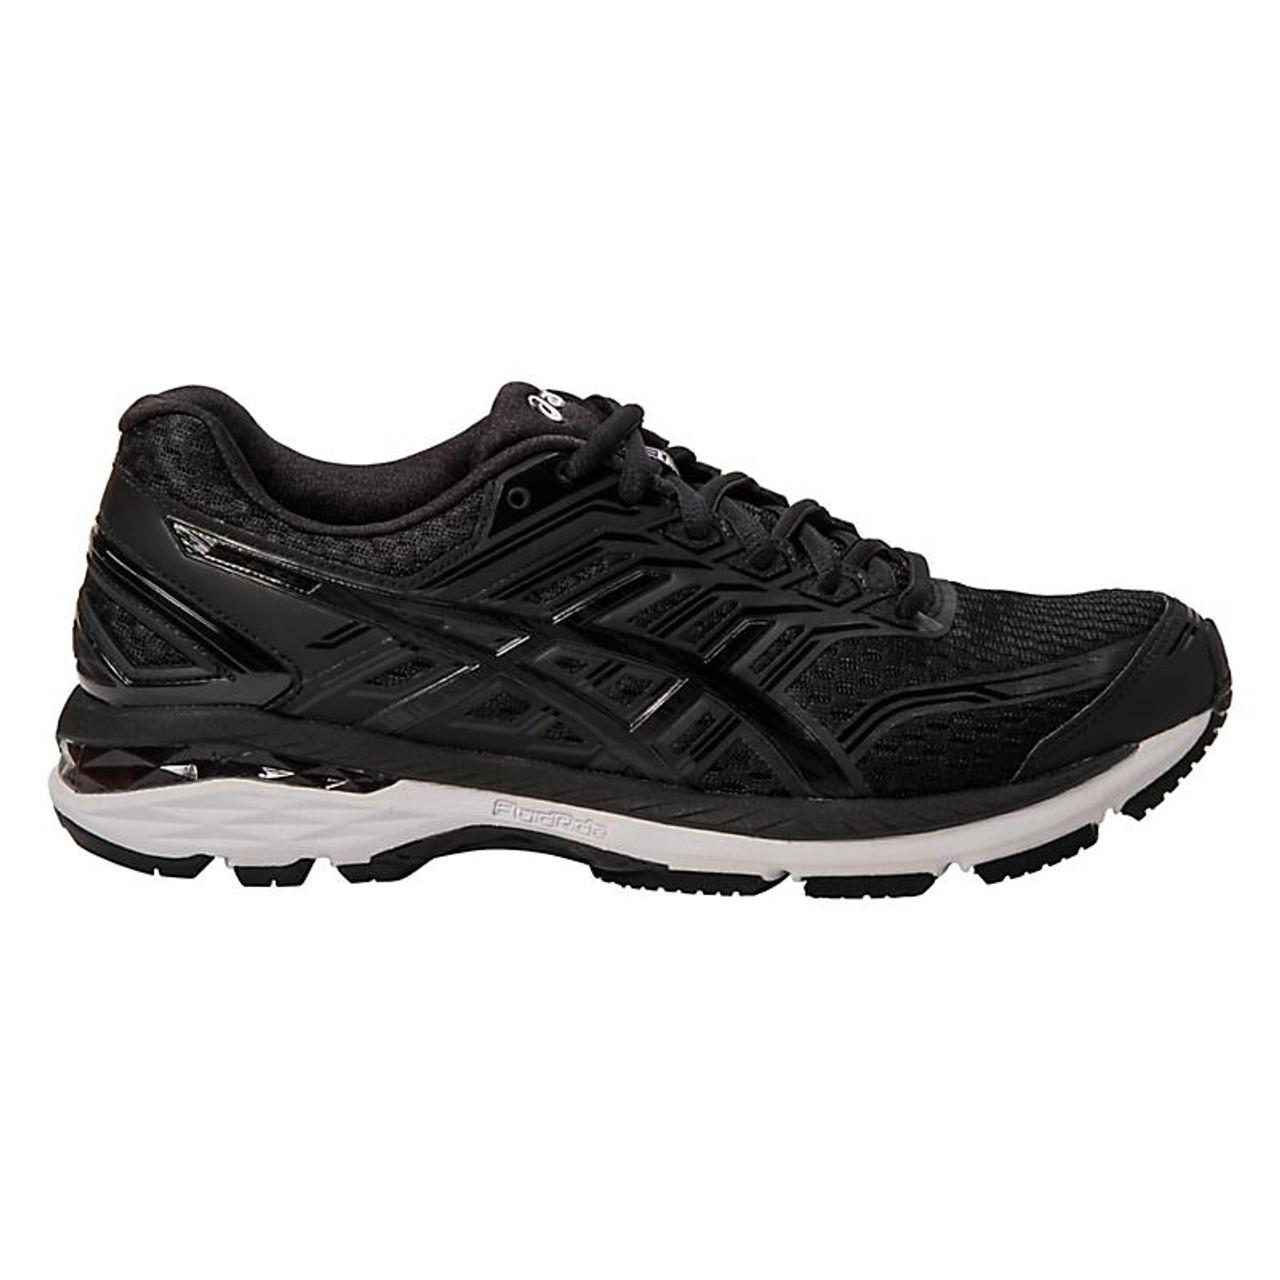 Men's ASICS GT-2000 5 Running Shoe